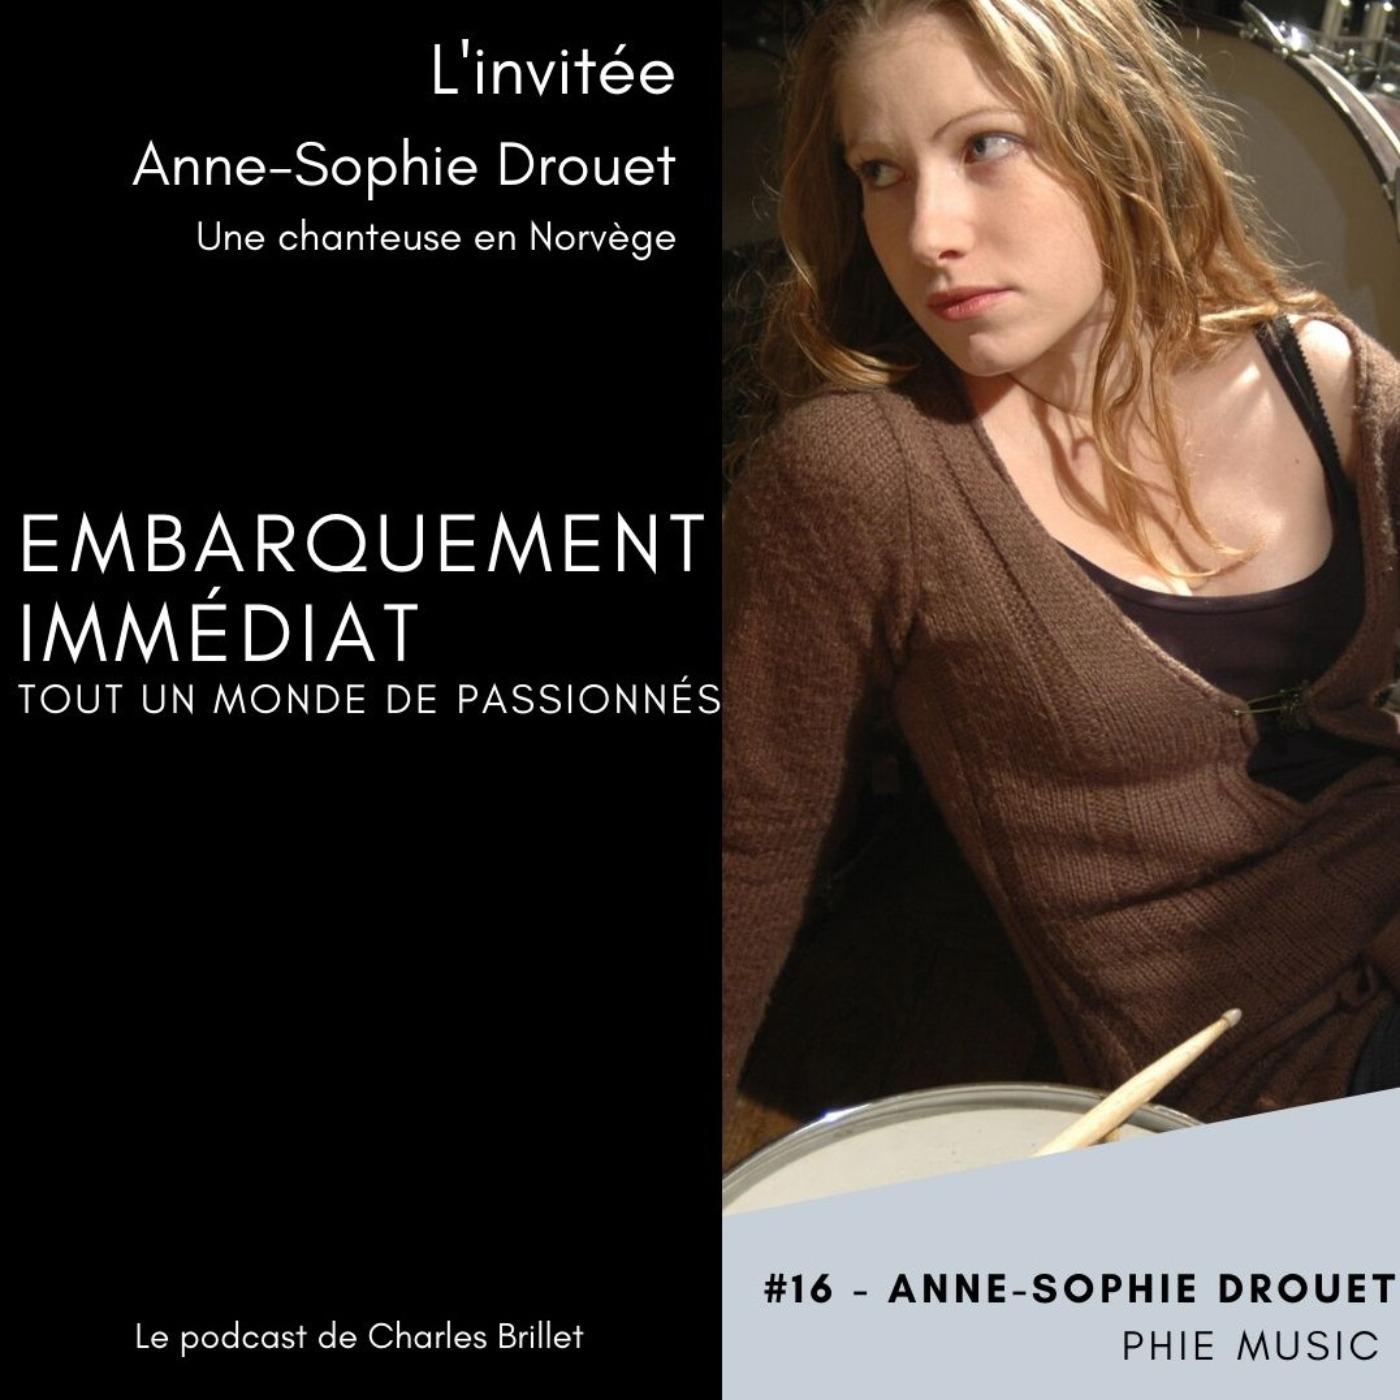 #16 - Anne-Sophie Drouet - Une chanteuse en Norvège - Tønsberg